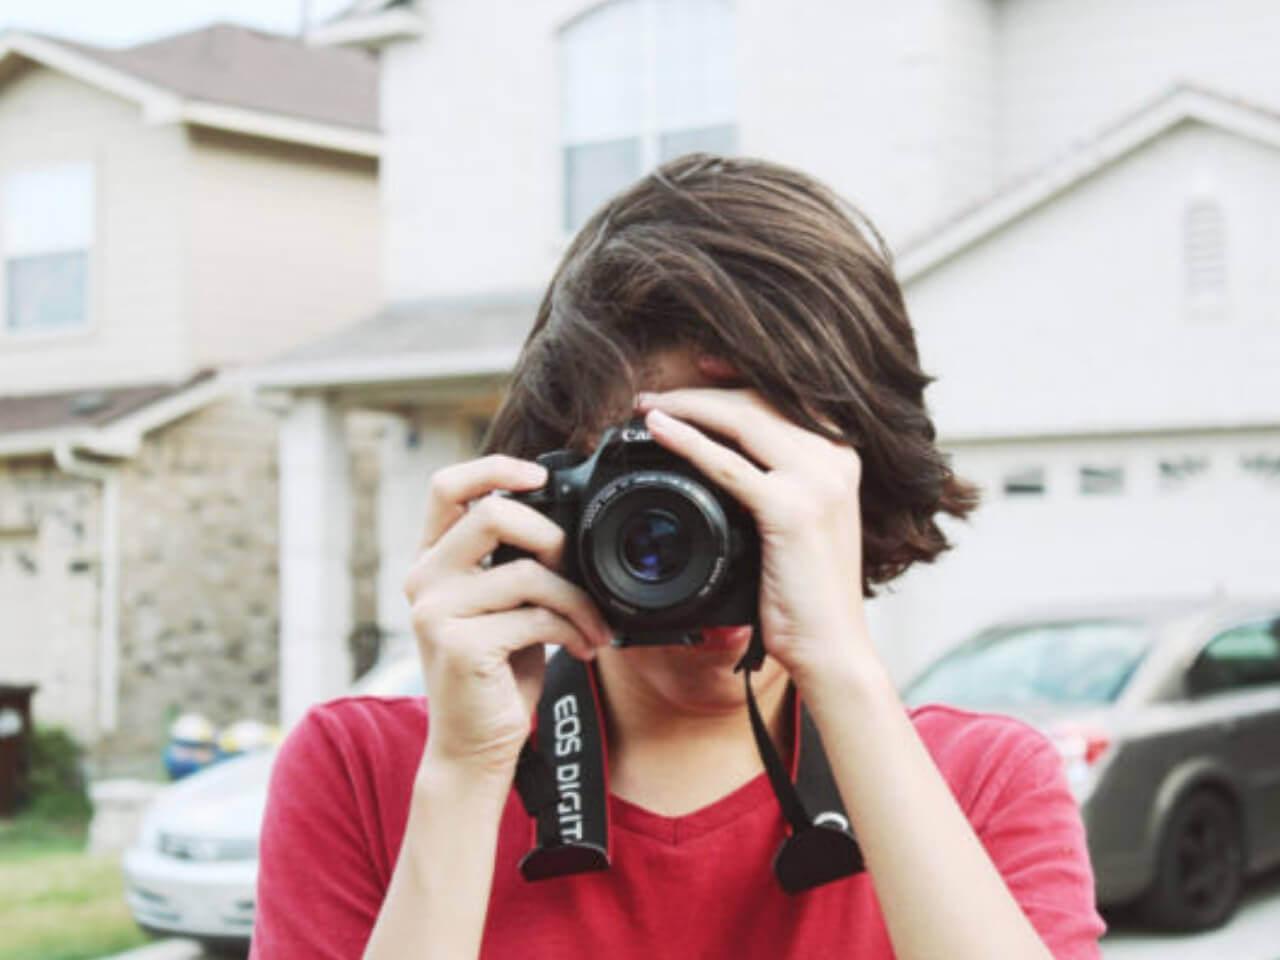 カメラで写真を撮影する若者